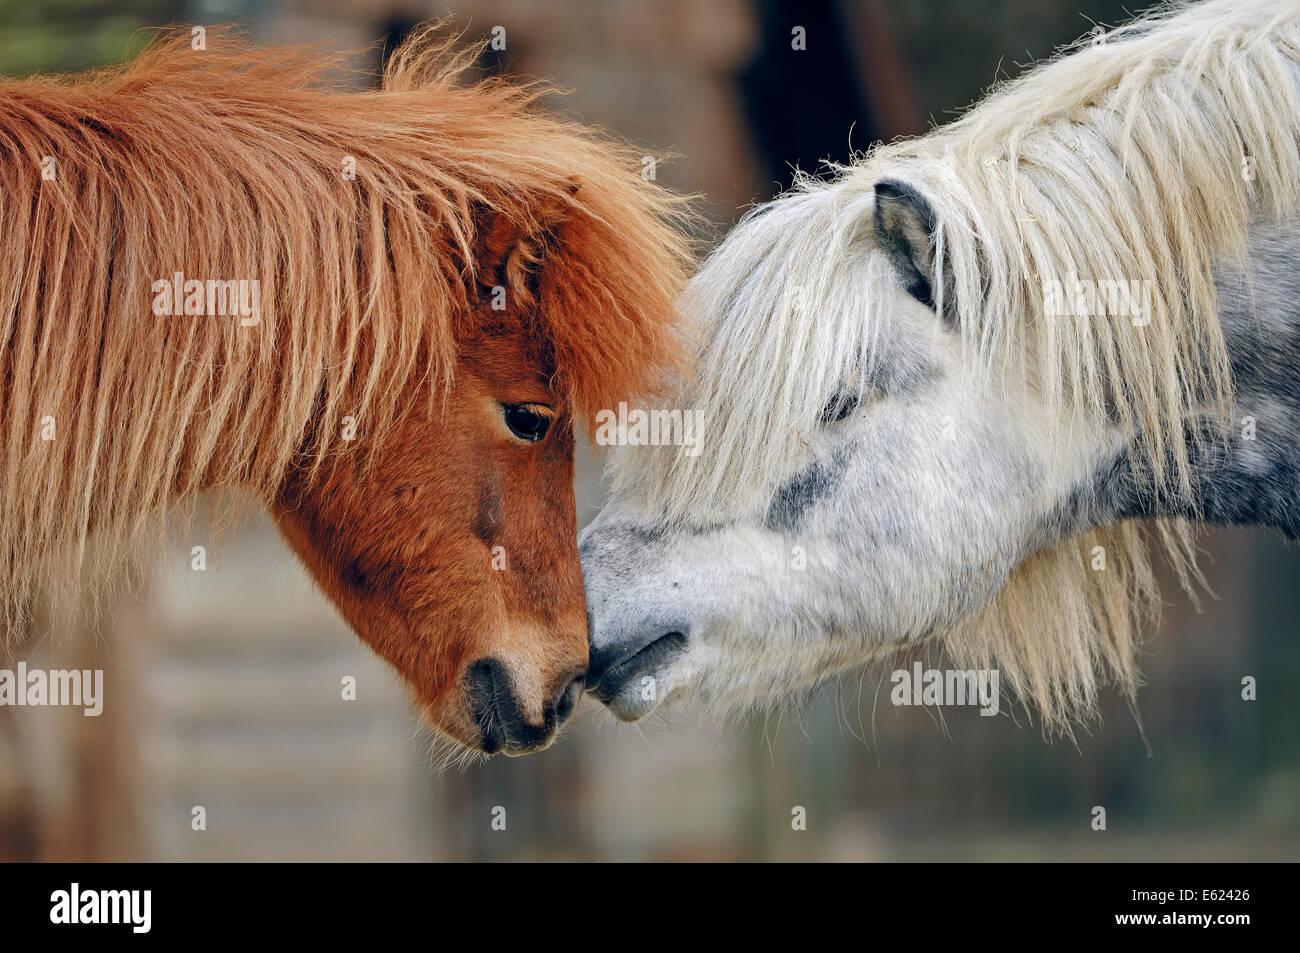 Shetland Pony (Equus ferus caballus), North Rhine-Westphalia, Germany - Stock Image